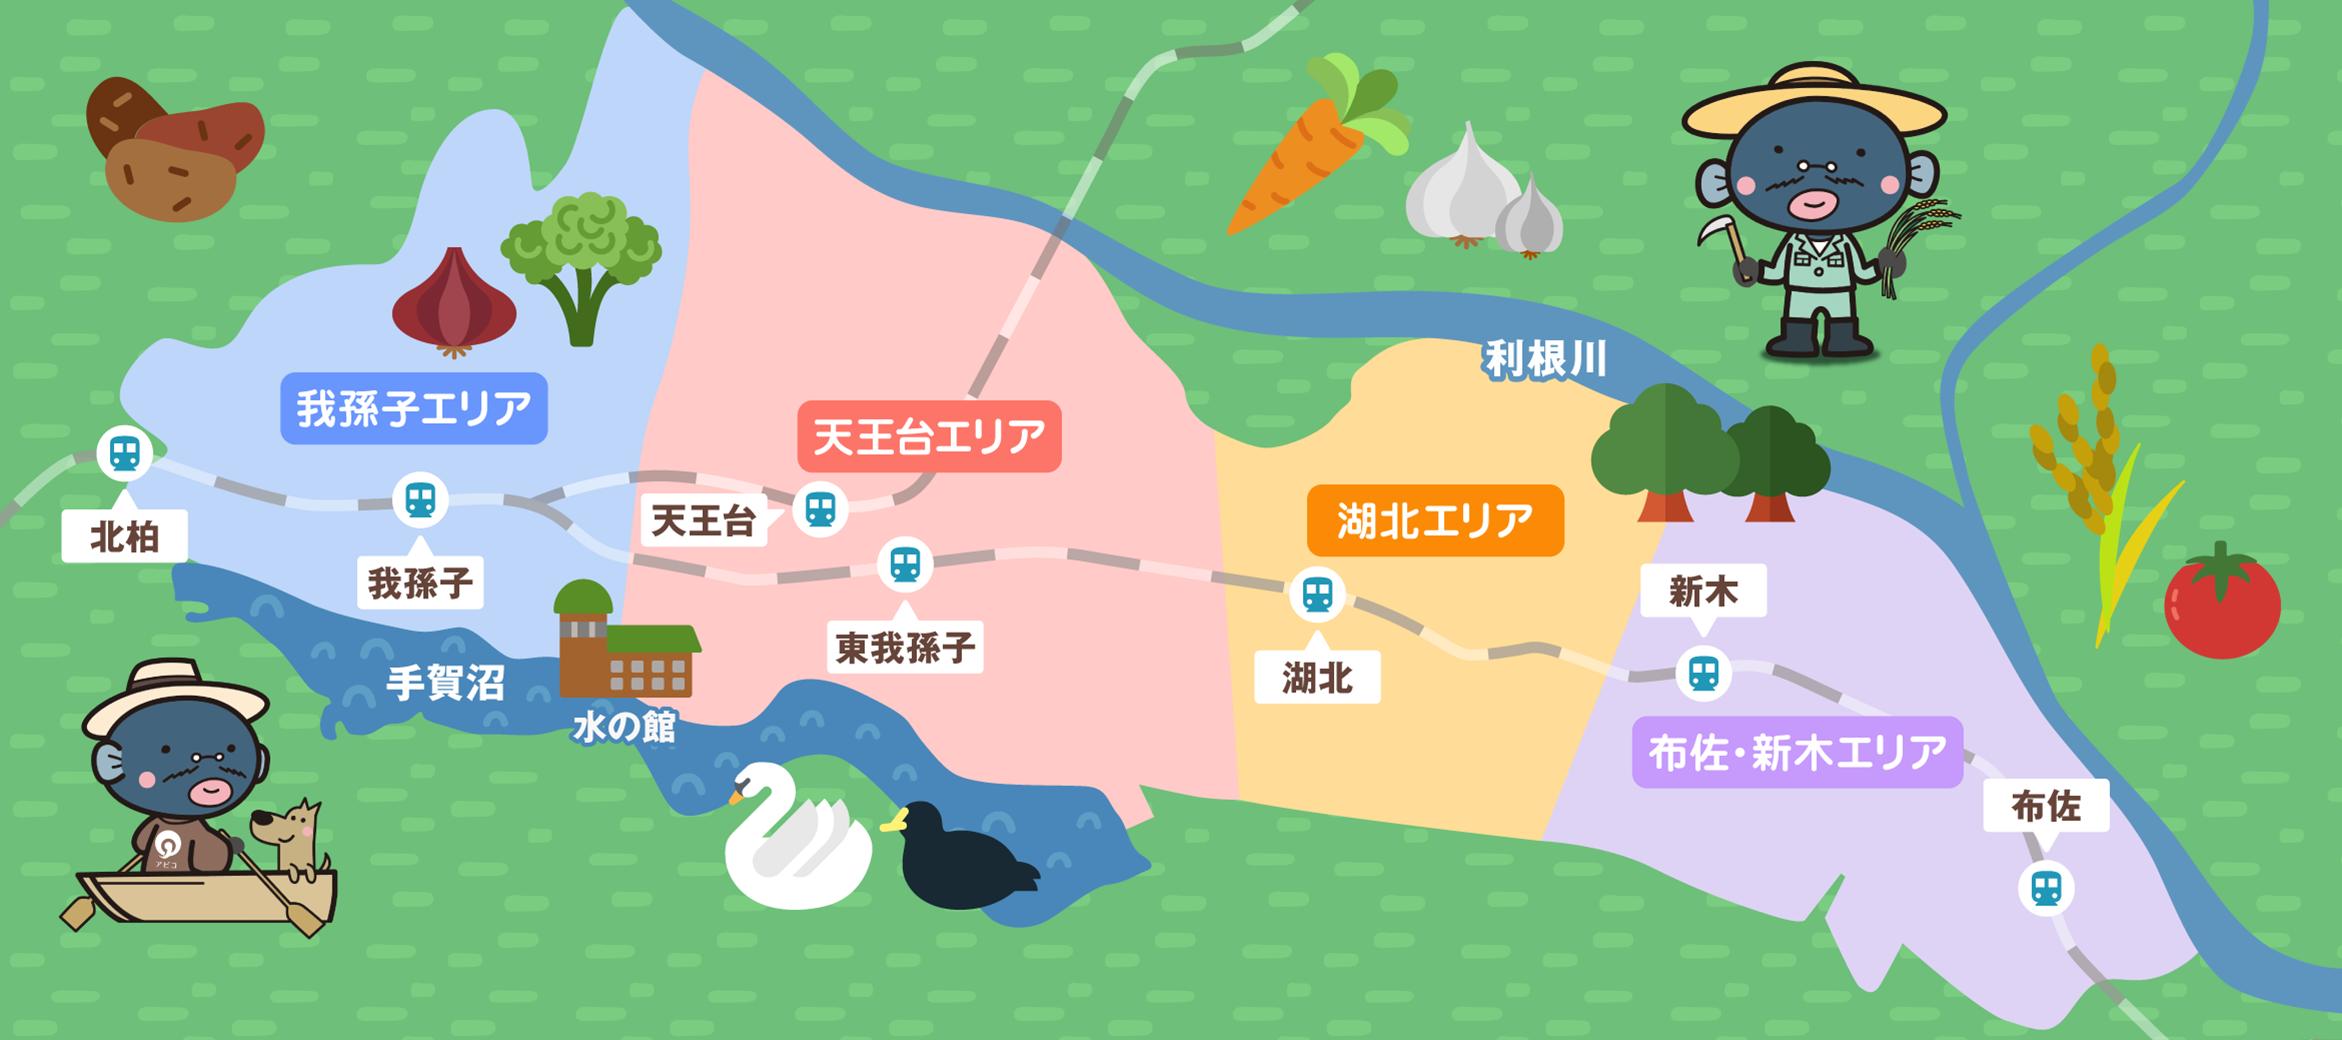 あびこ農産物直売所マップ